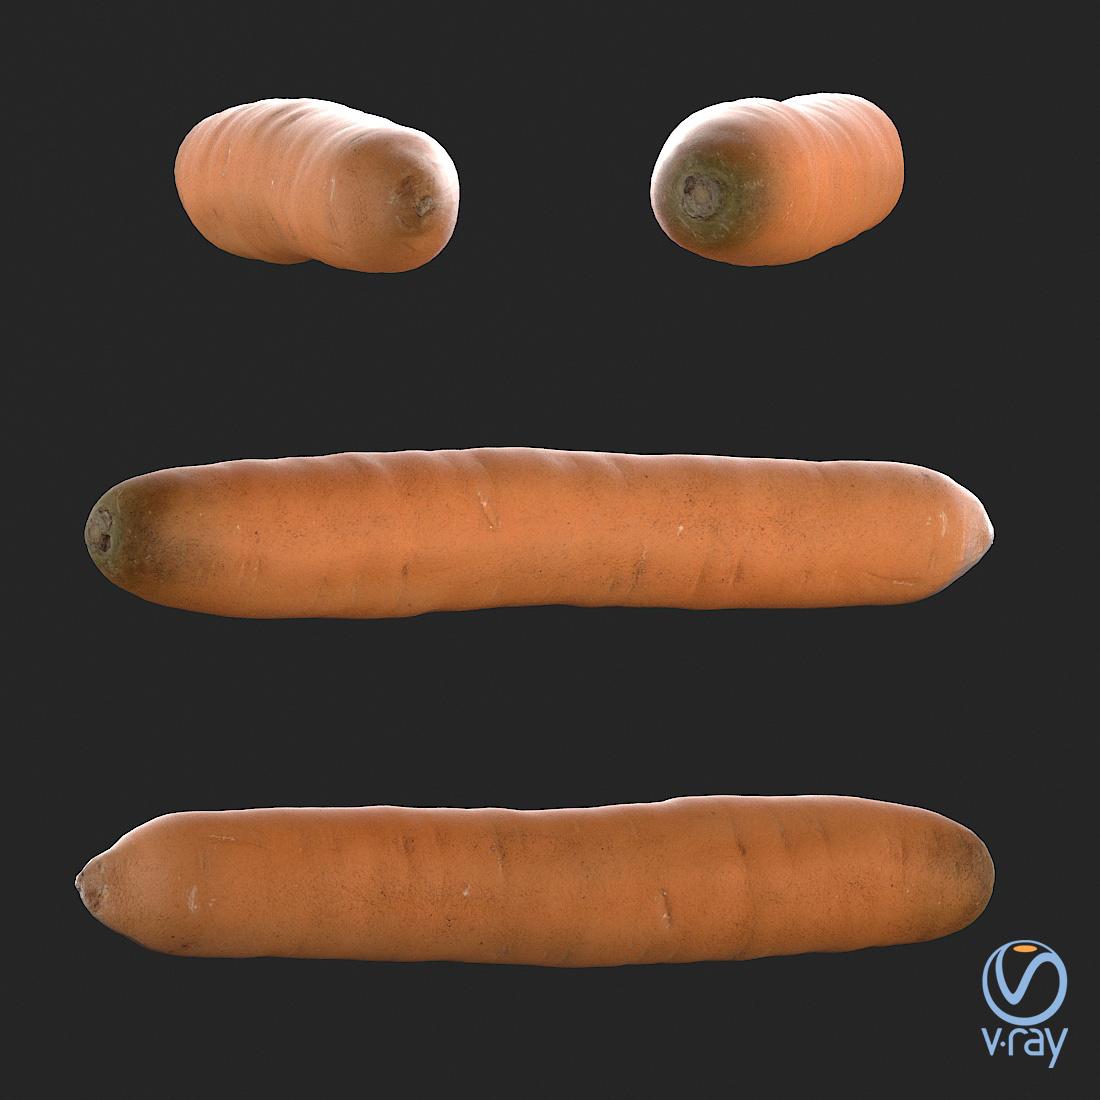 Łukasz Liszko - 3D scans / photogrammetry - Carrot 02